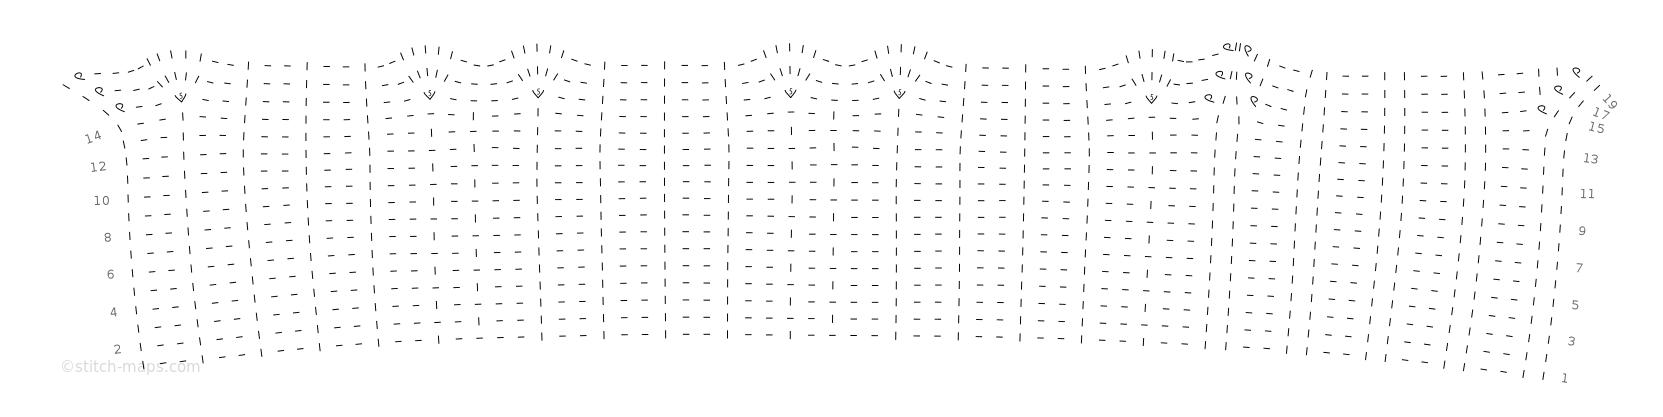 Dog cardigan chart